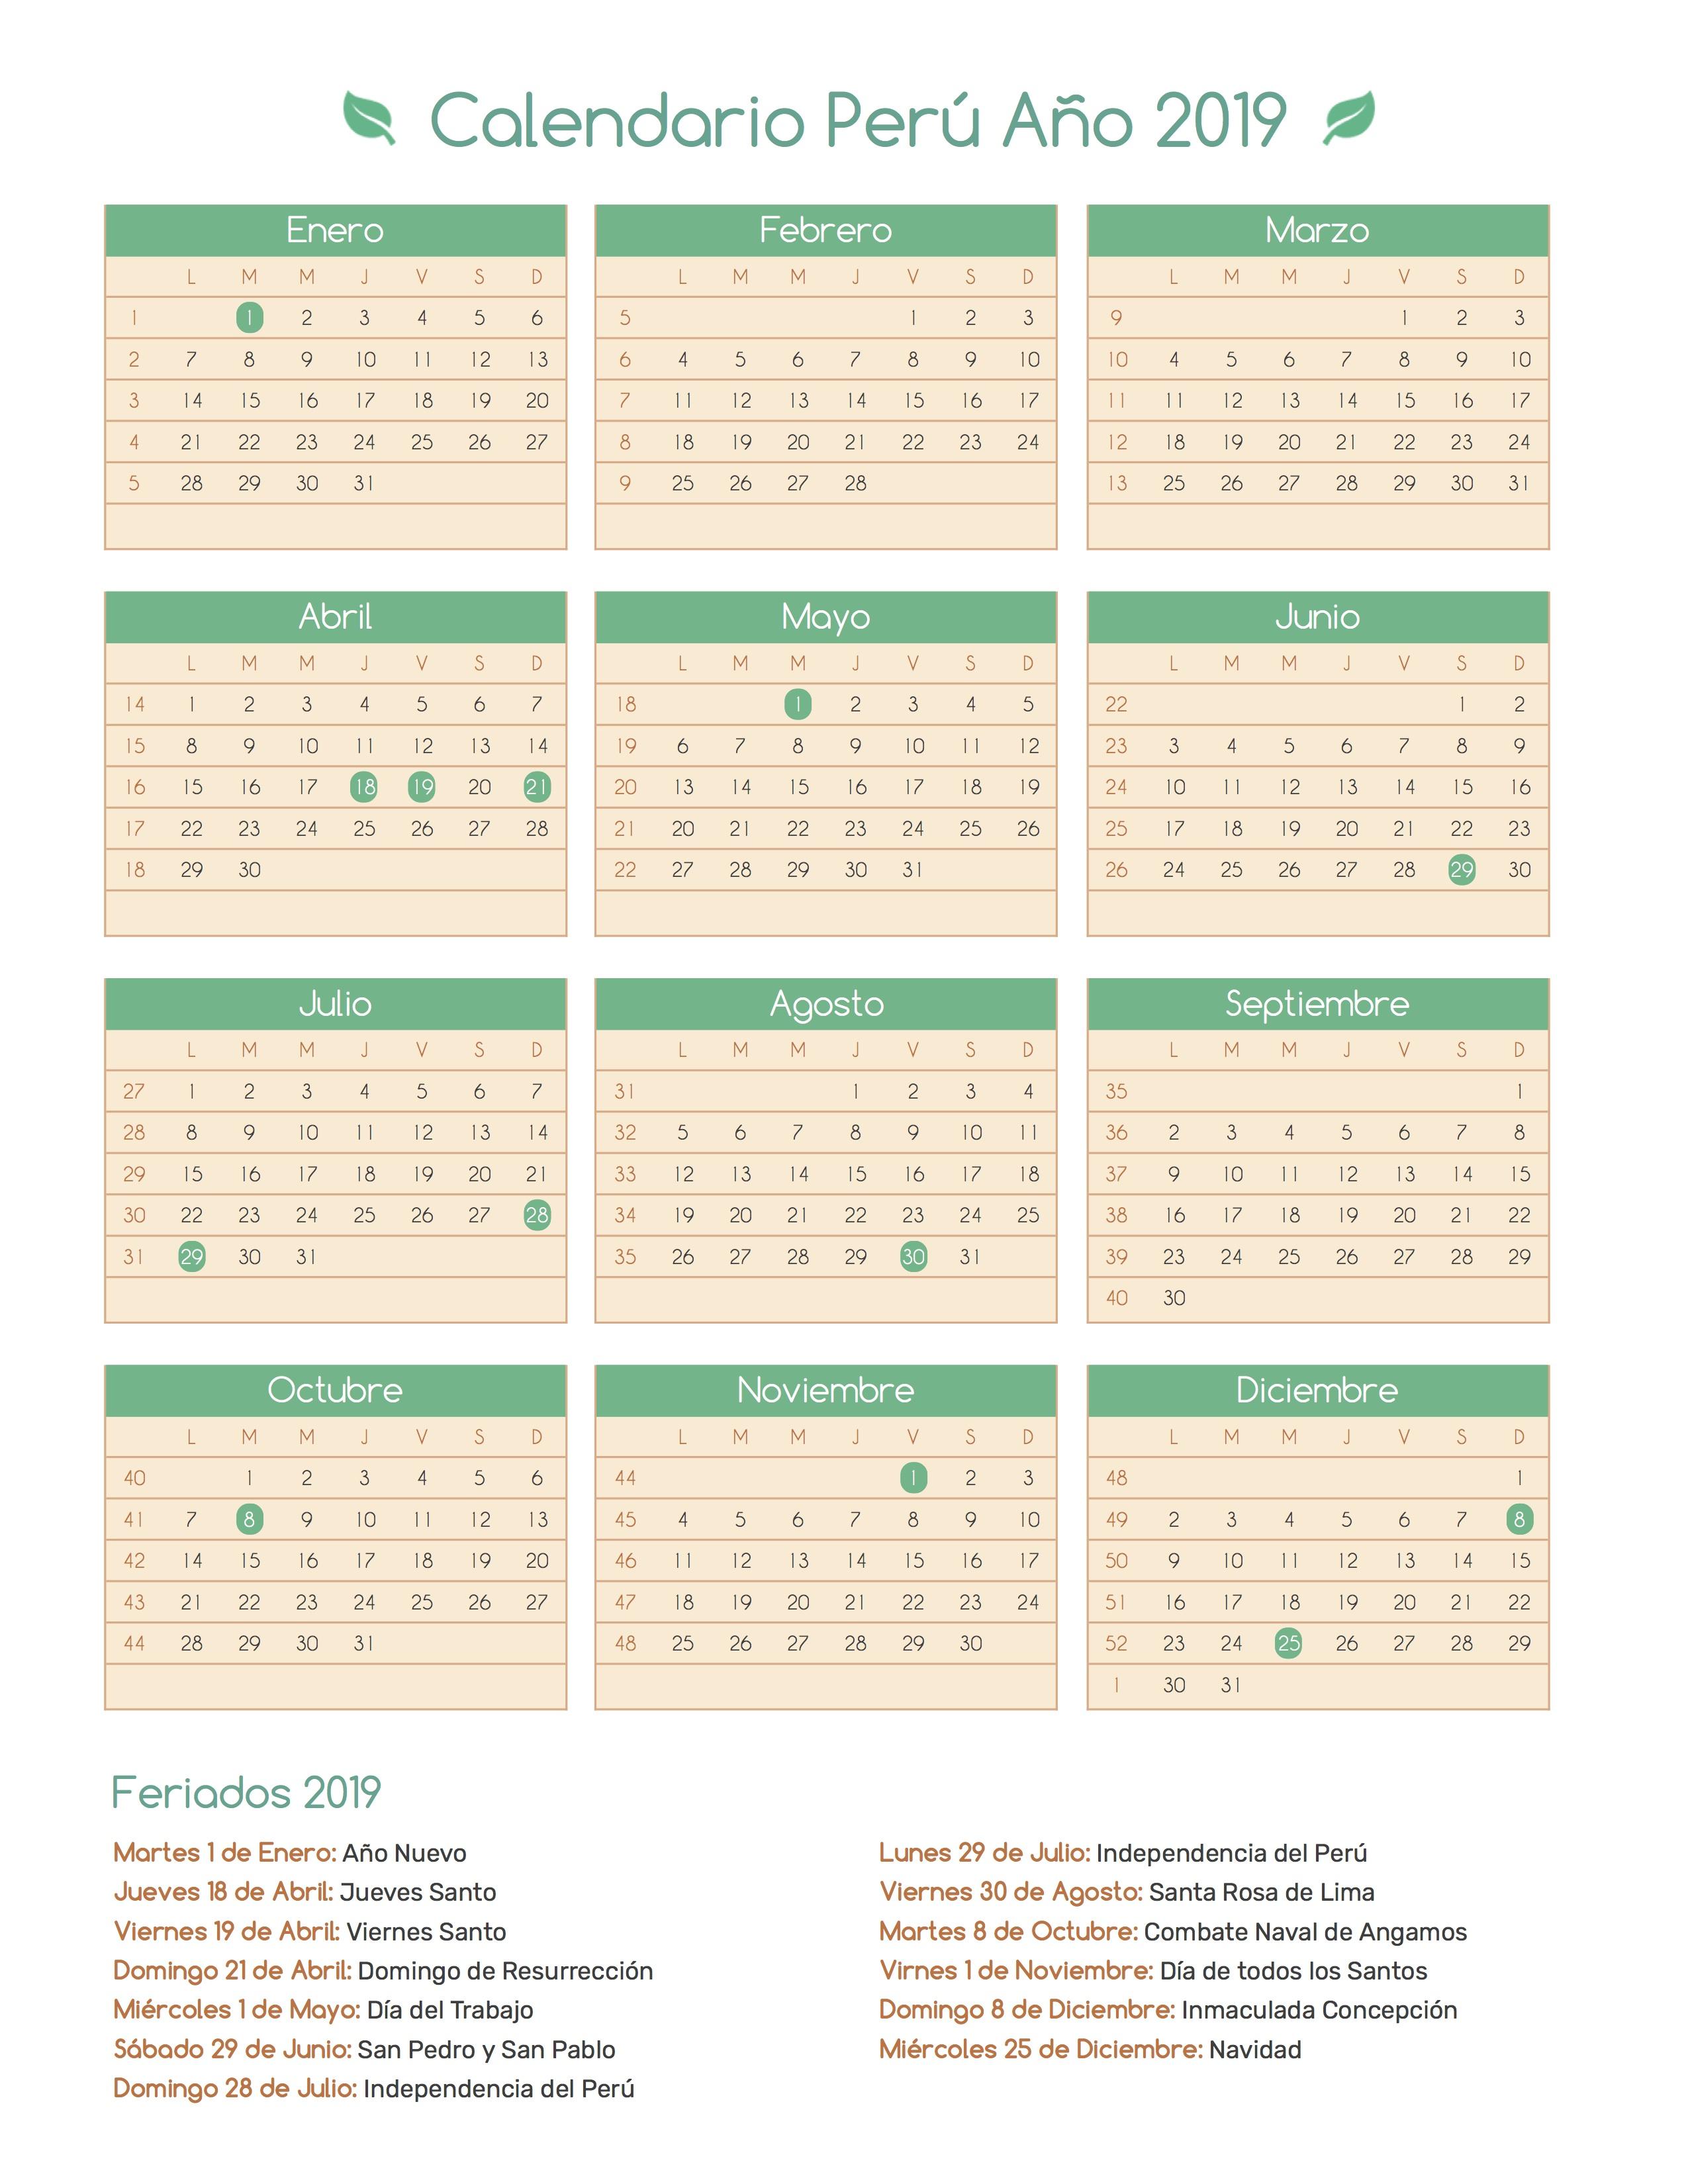 Calendario De Octubre 2019 Peru.Calendario De Peru Ano 2019 Feriados